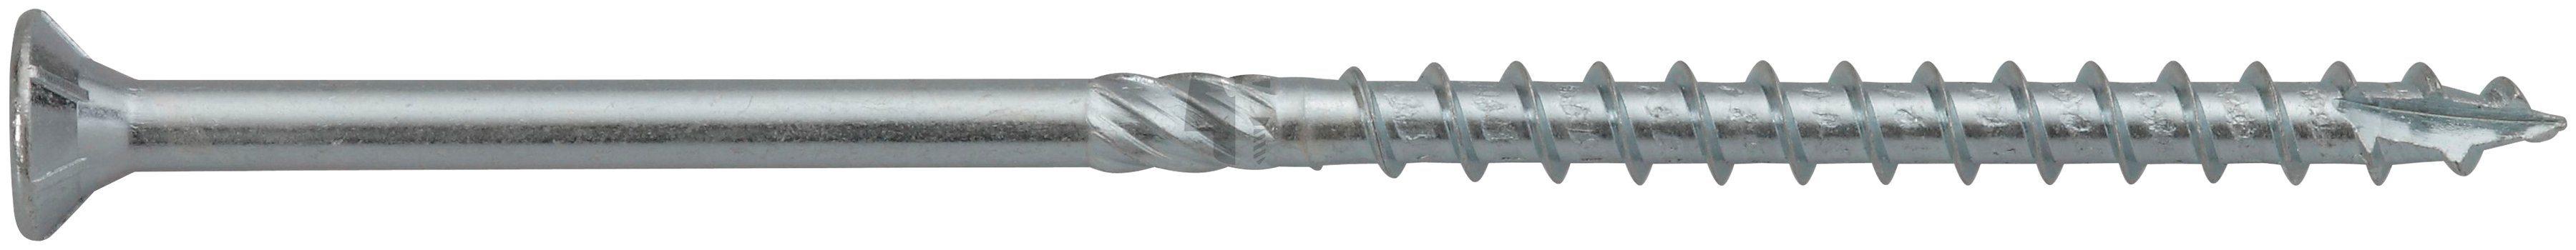 RAMSES Schrauben , Holzbauschraube 10 x 240 mm 10 Stk.